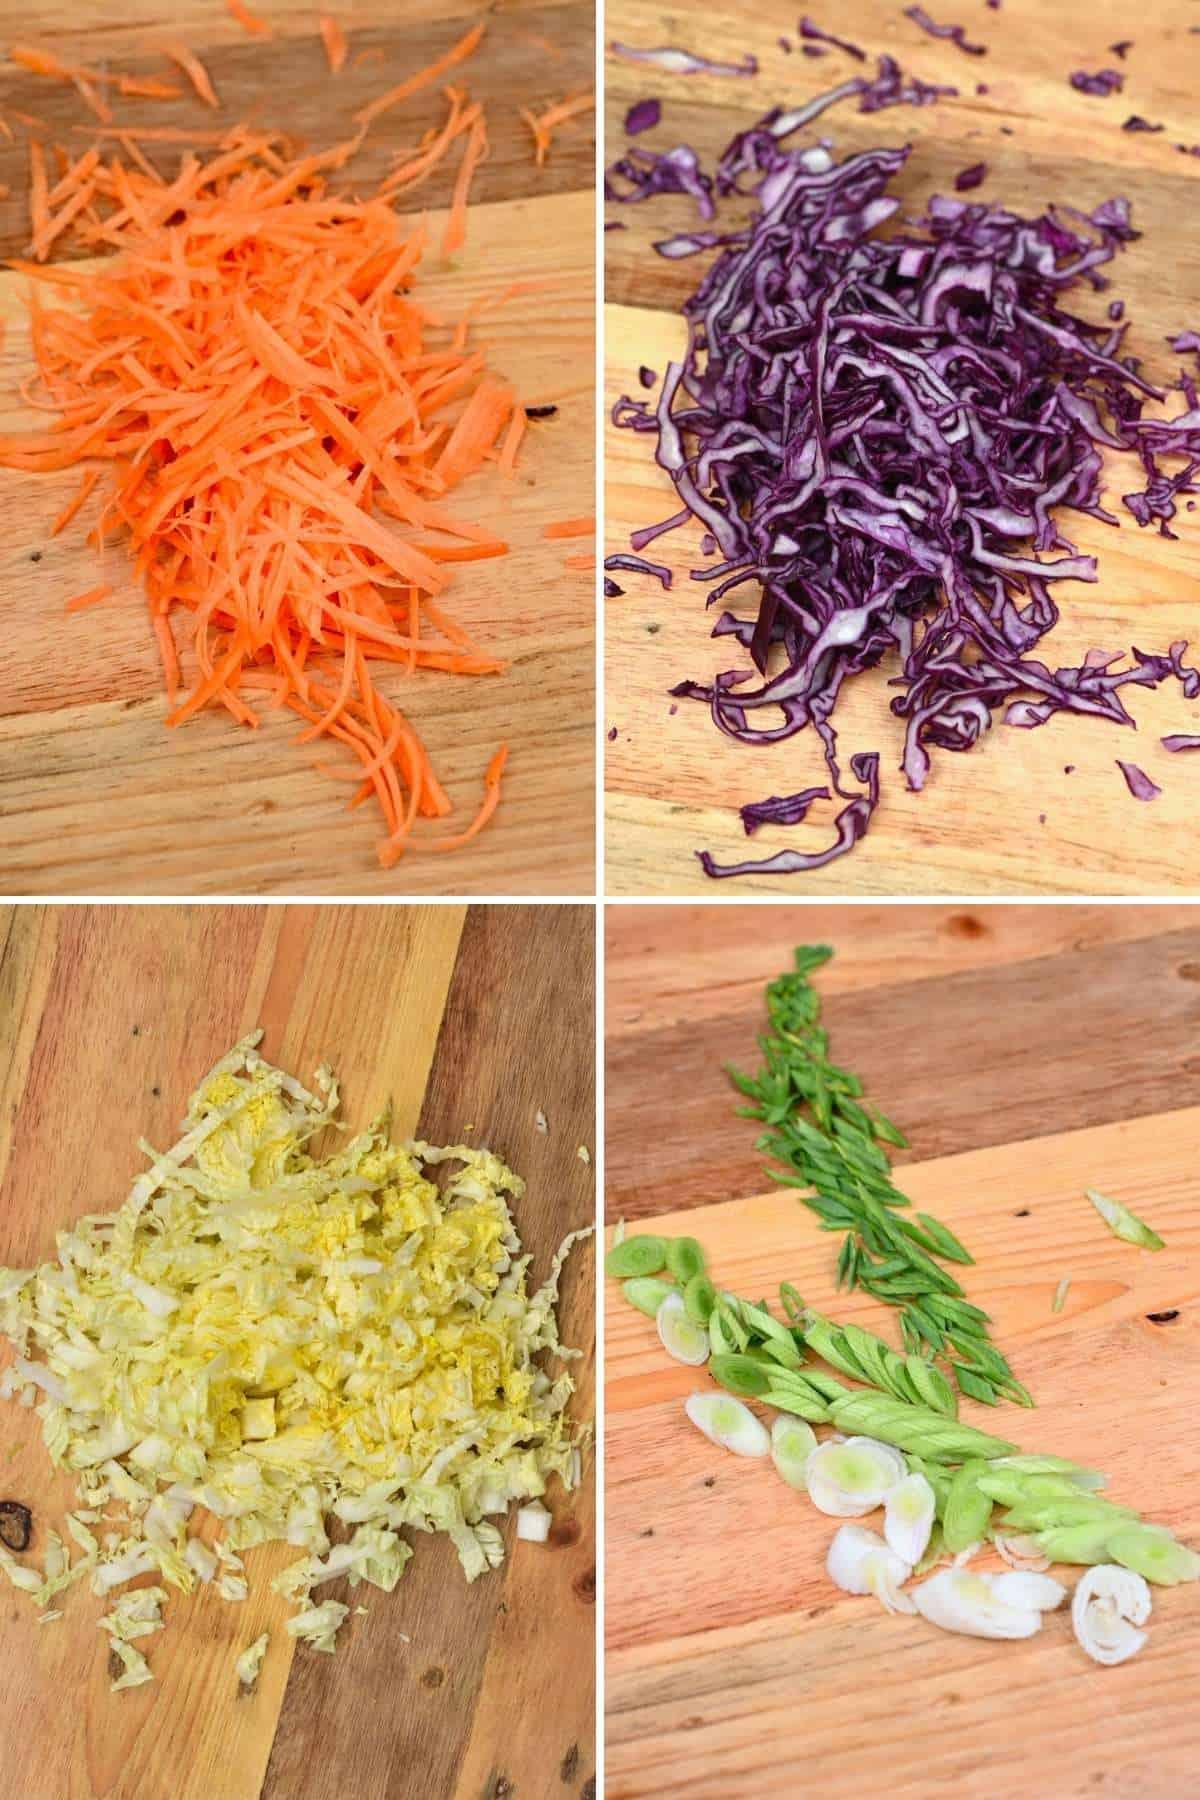 Steps for slicing vegetables